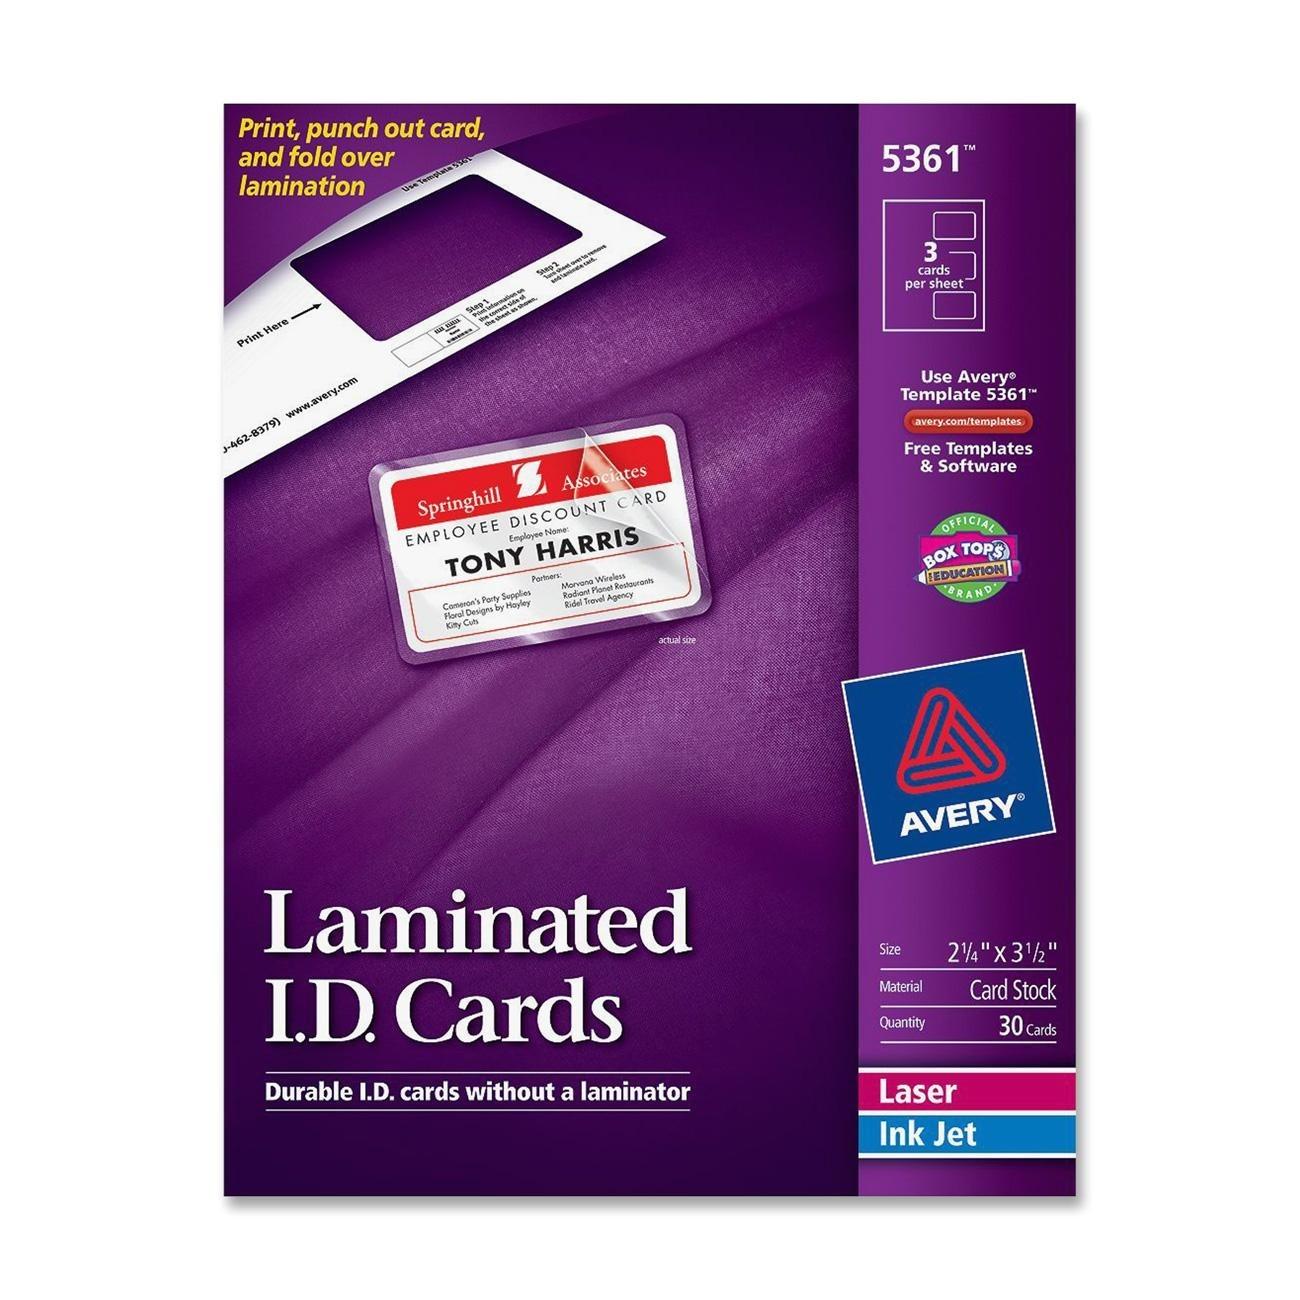 avery ave5361 laminated i d card